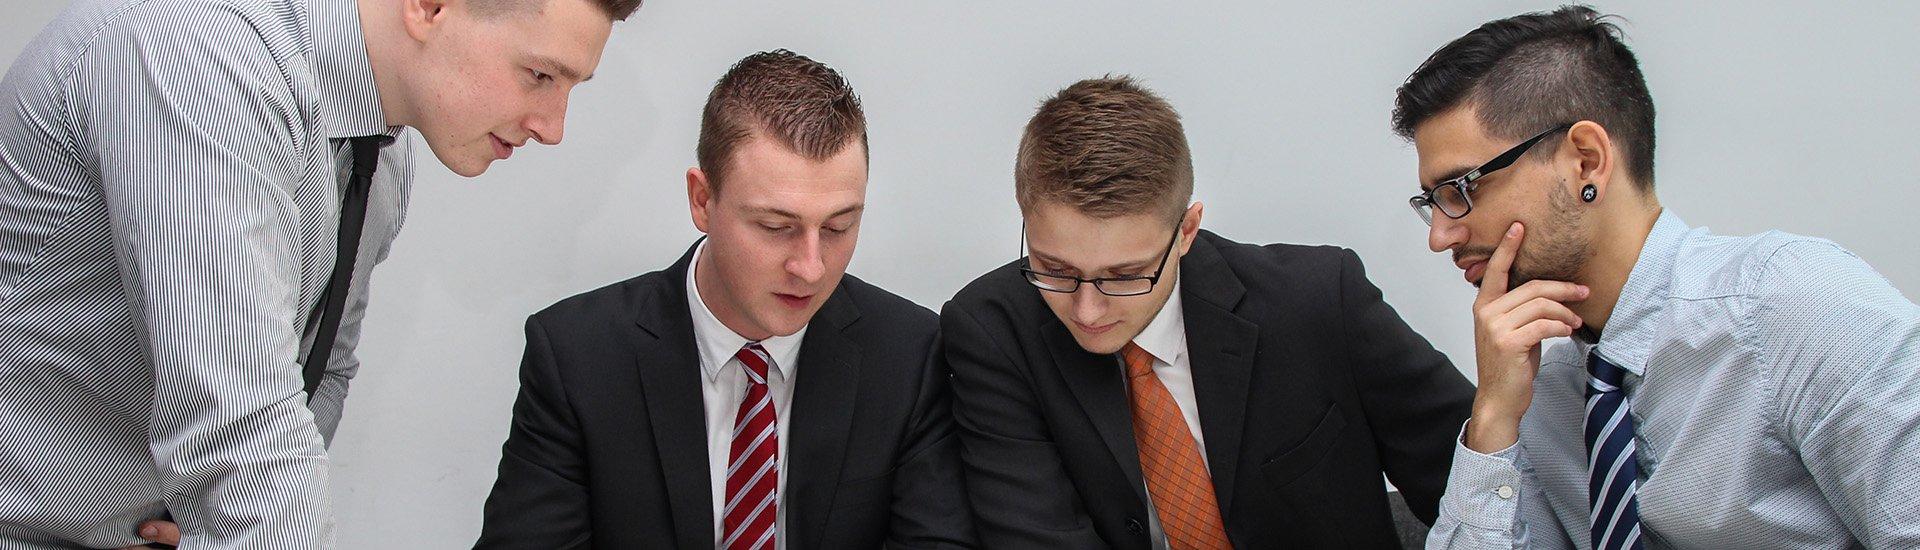 business-people-talking-meeting